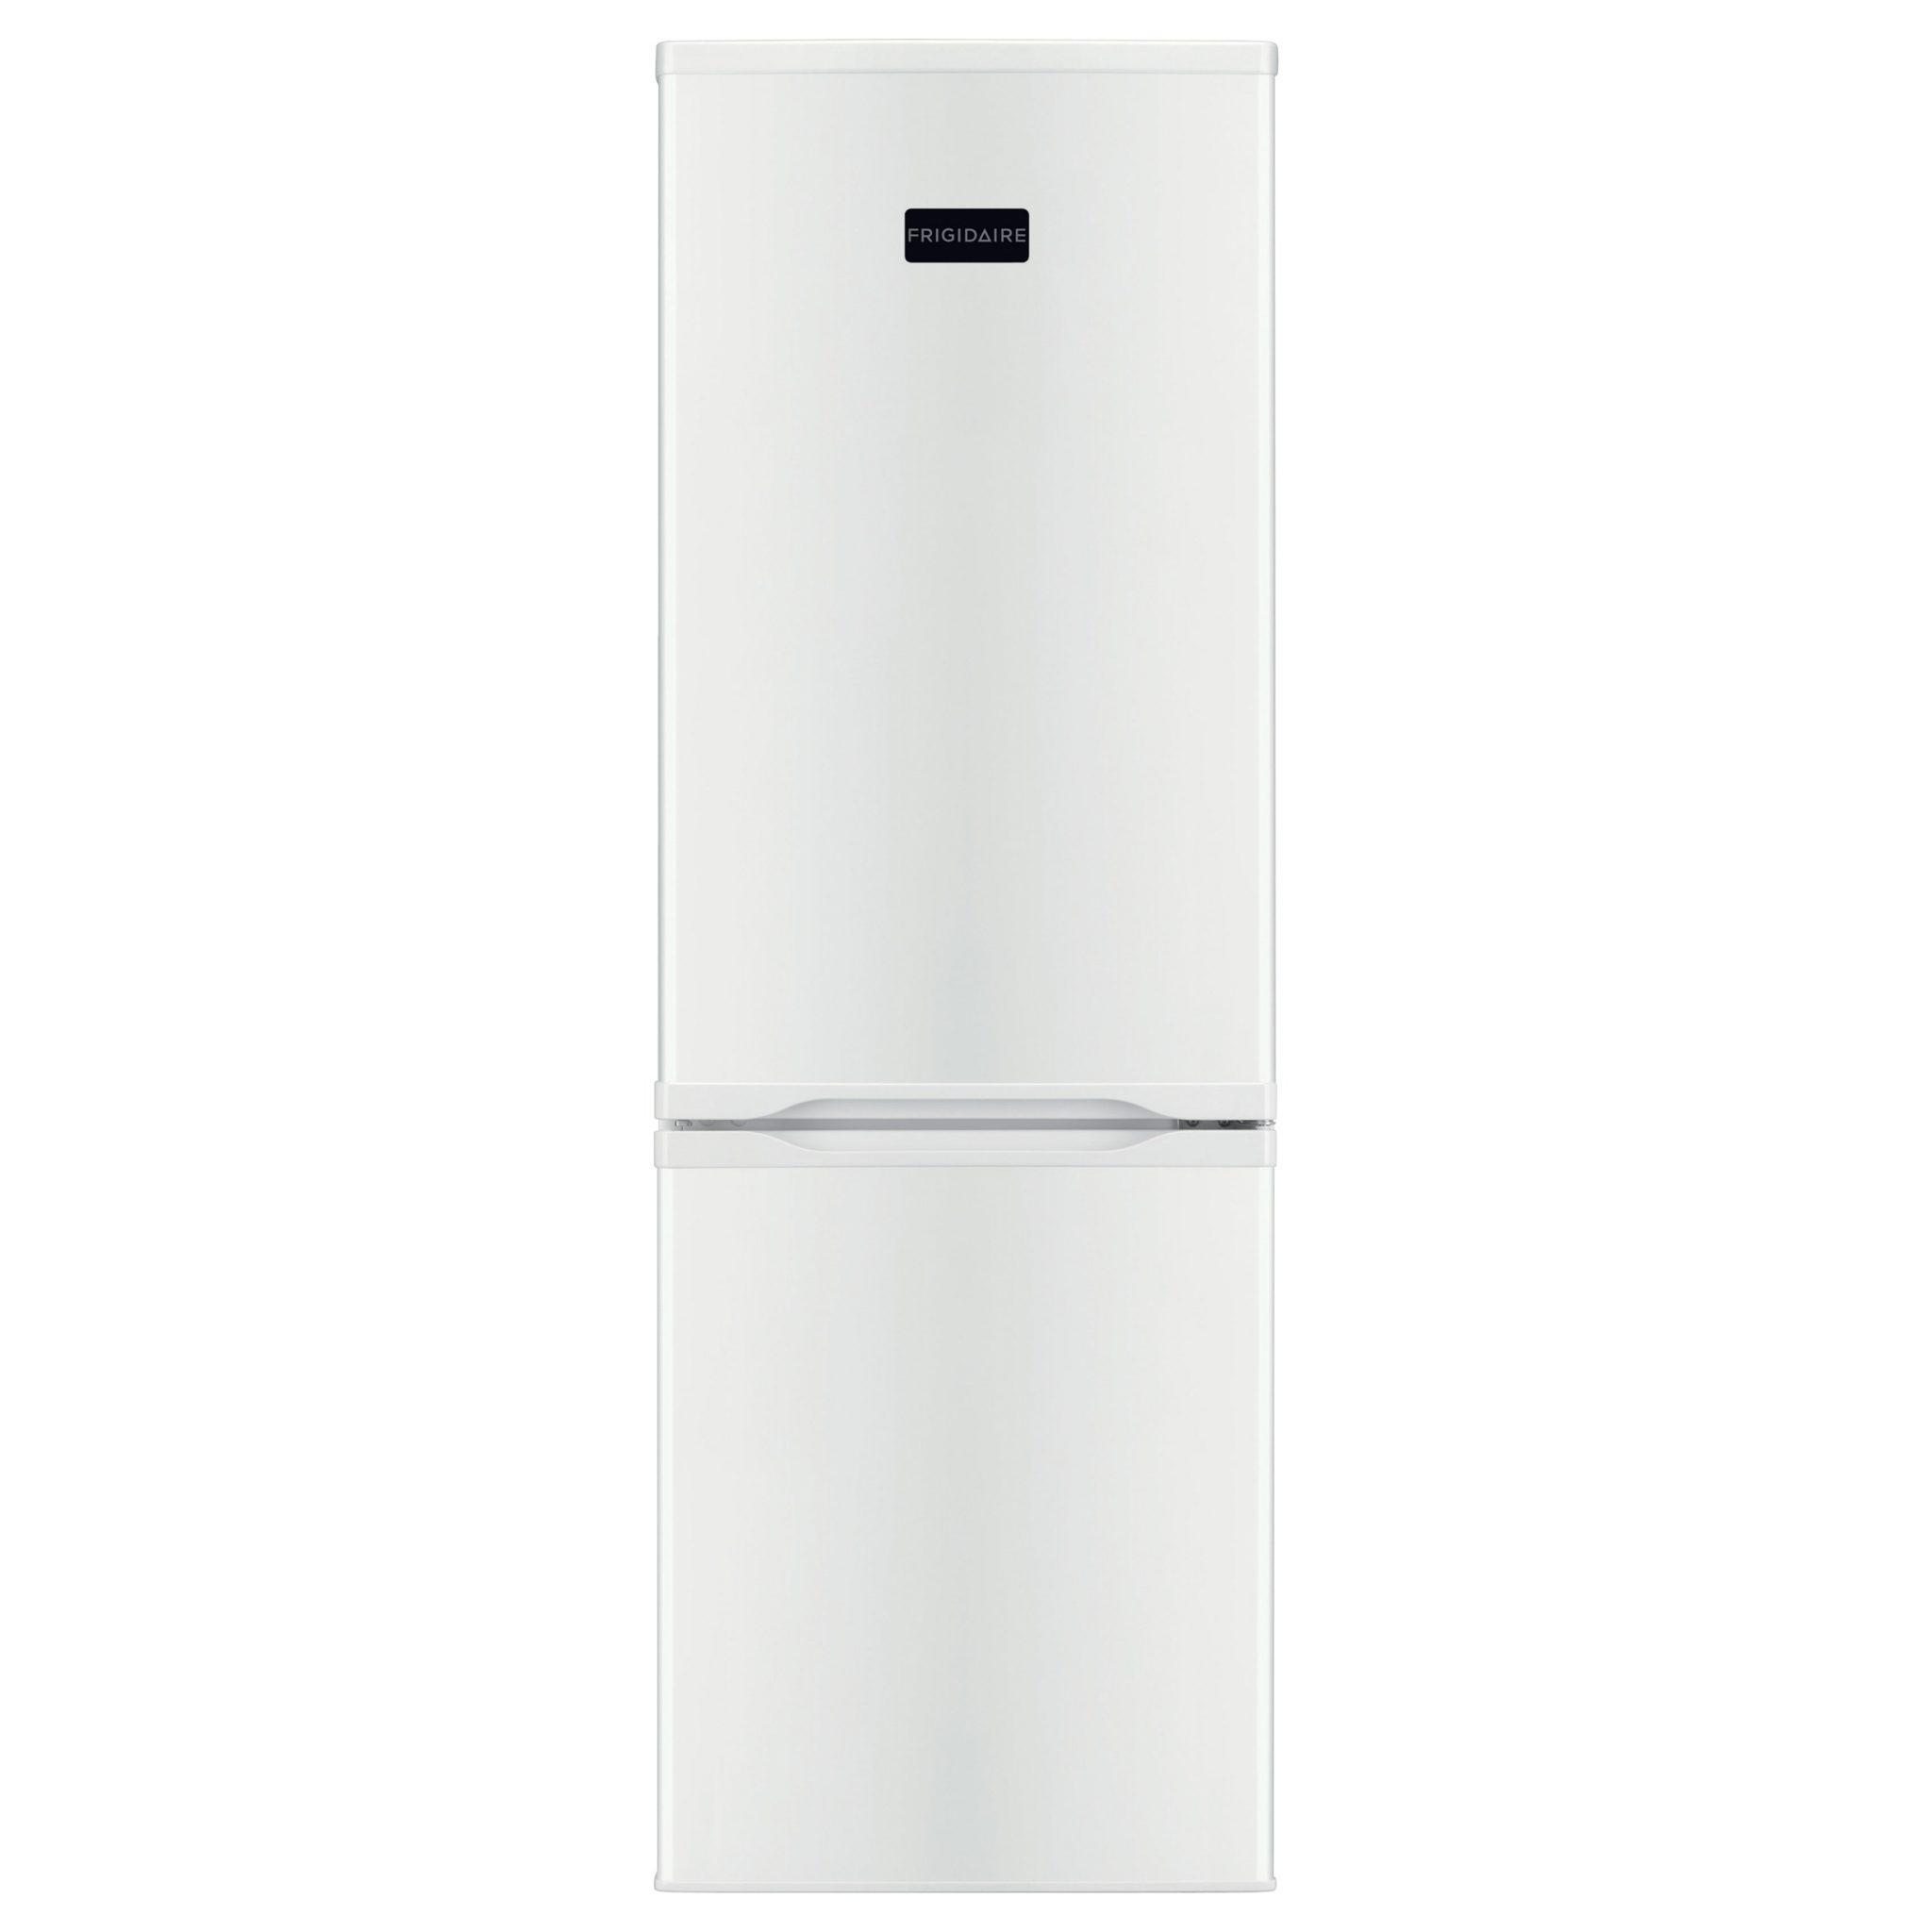 FRFF169W Frigidaire Frost Free Fridge Freezer